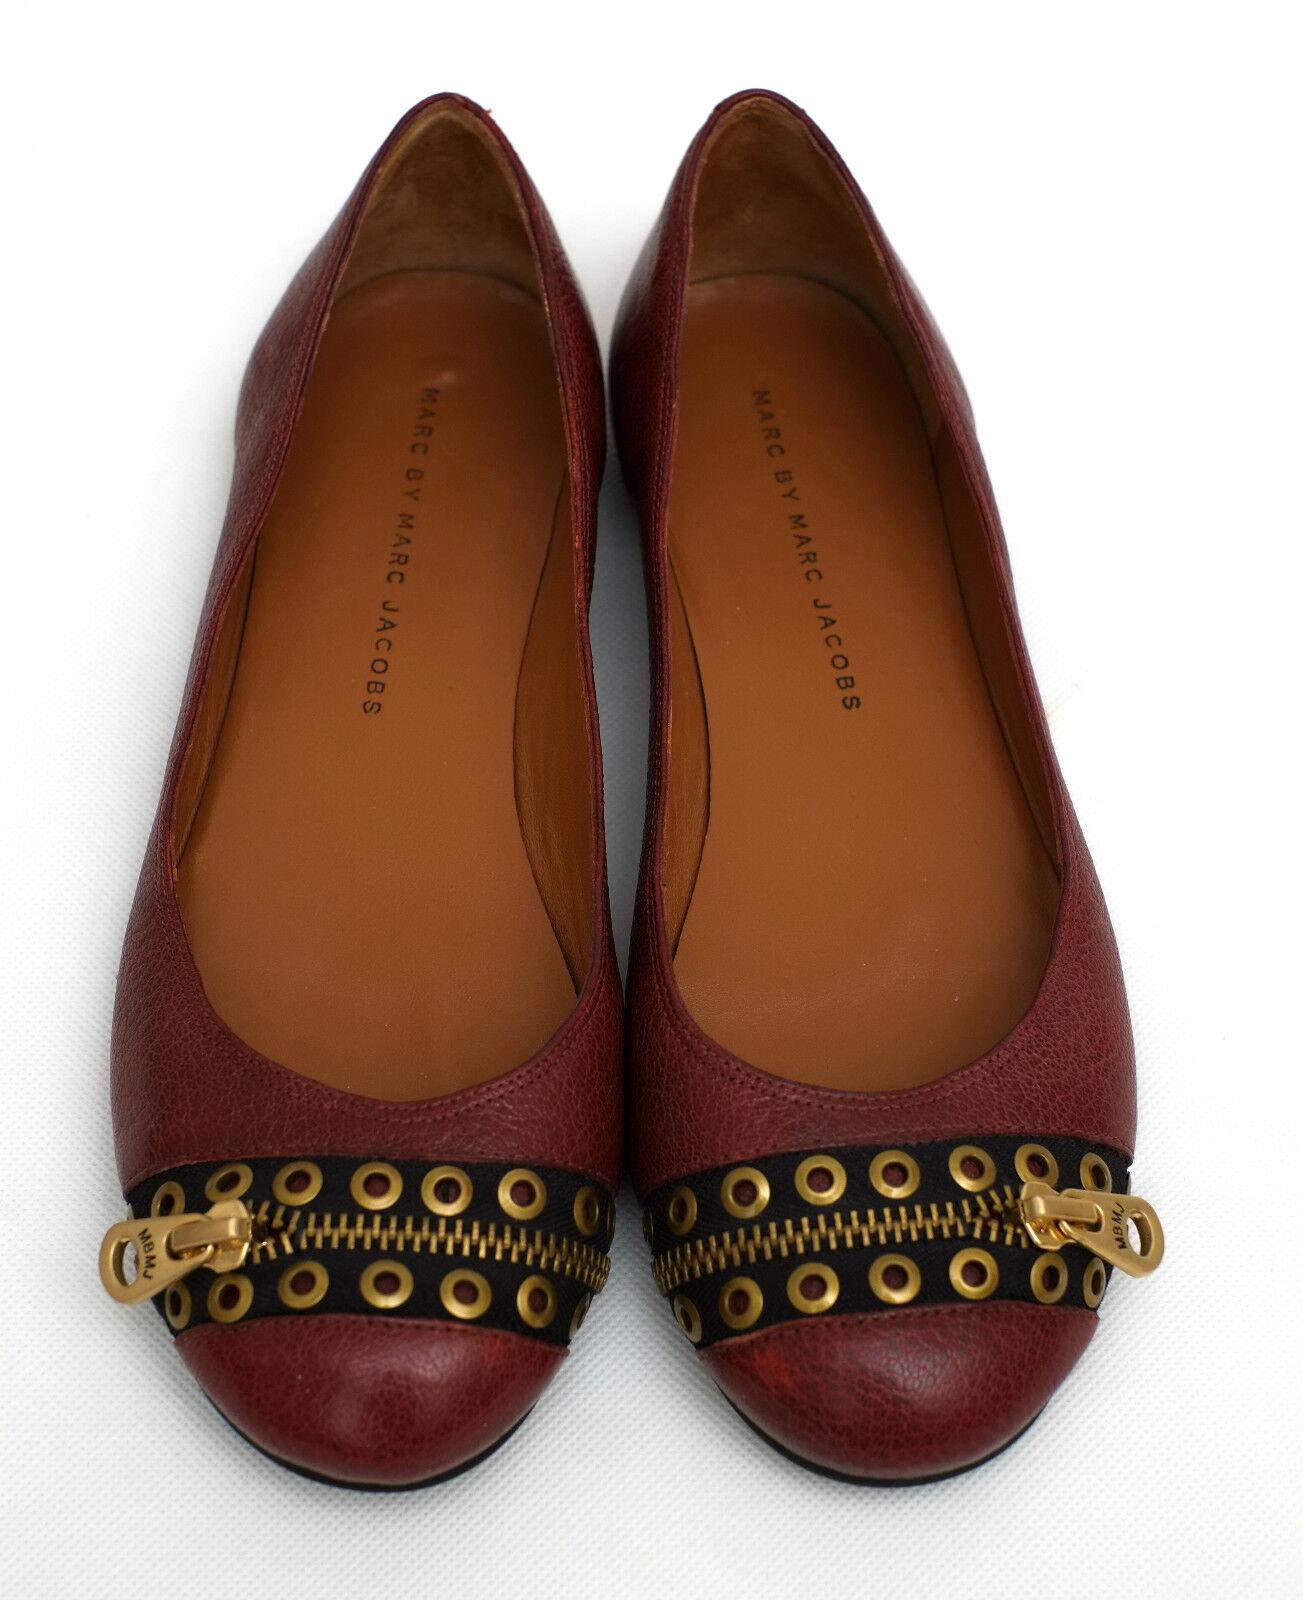 New Marc Jacobs Jacobs Jacobs burgundy leather grommet zipper flats EU 37  UK 4 062d46